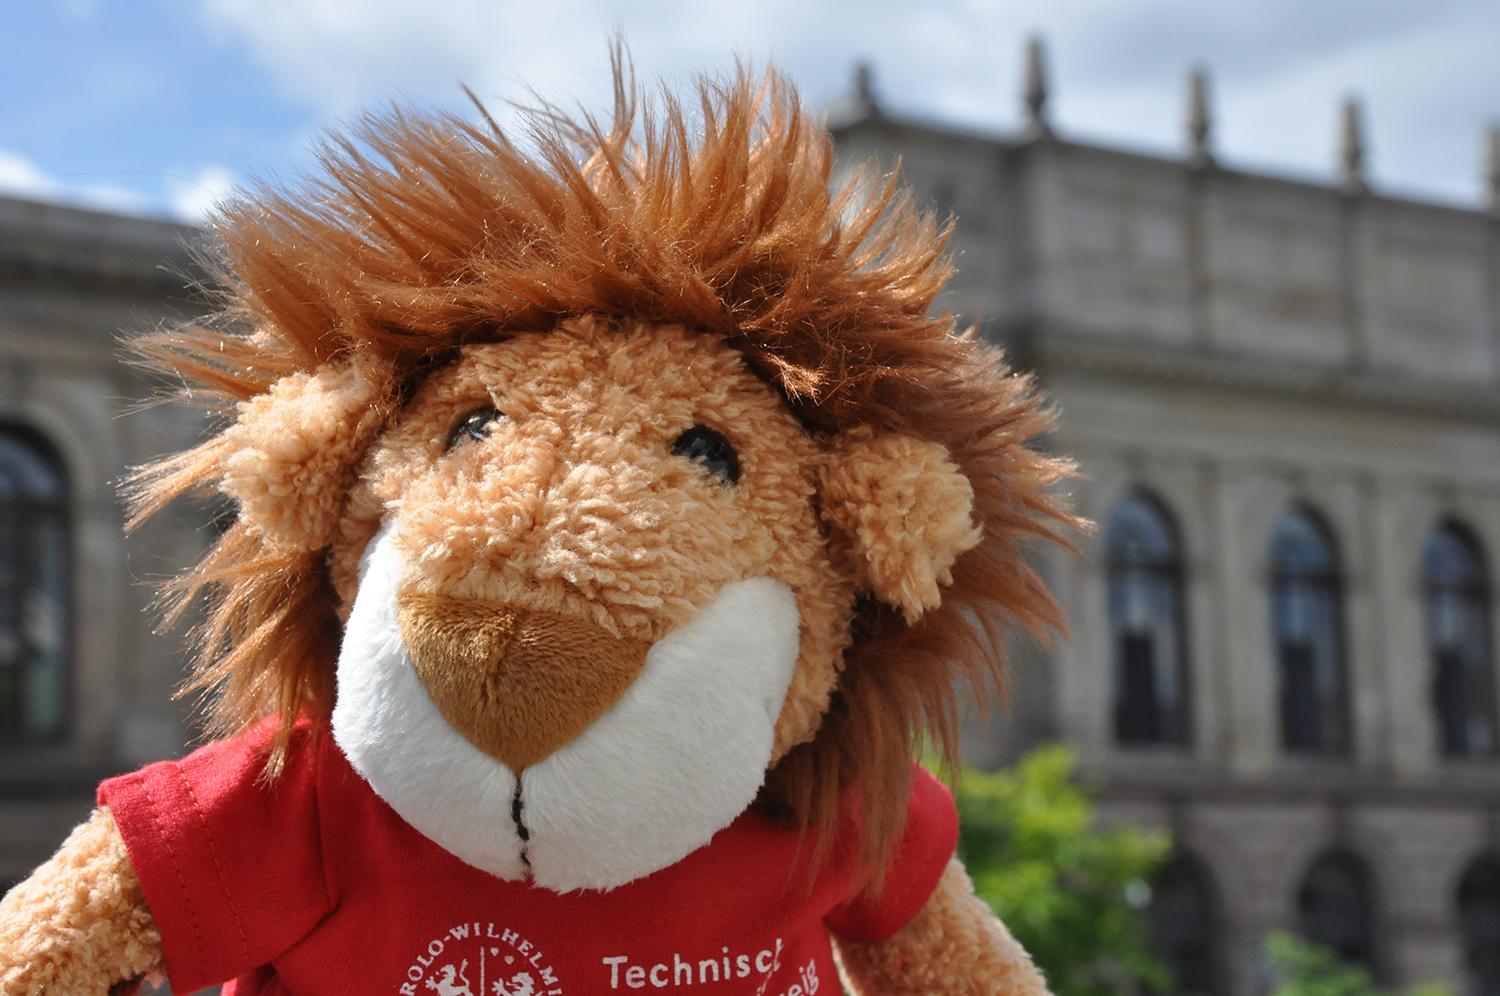 Kleiner Plüschlöwe mit roten T-Shirt und Logo der TU Braunschweig